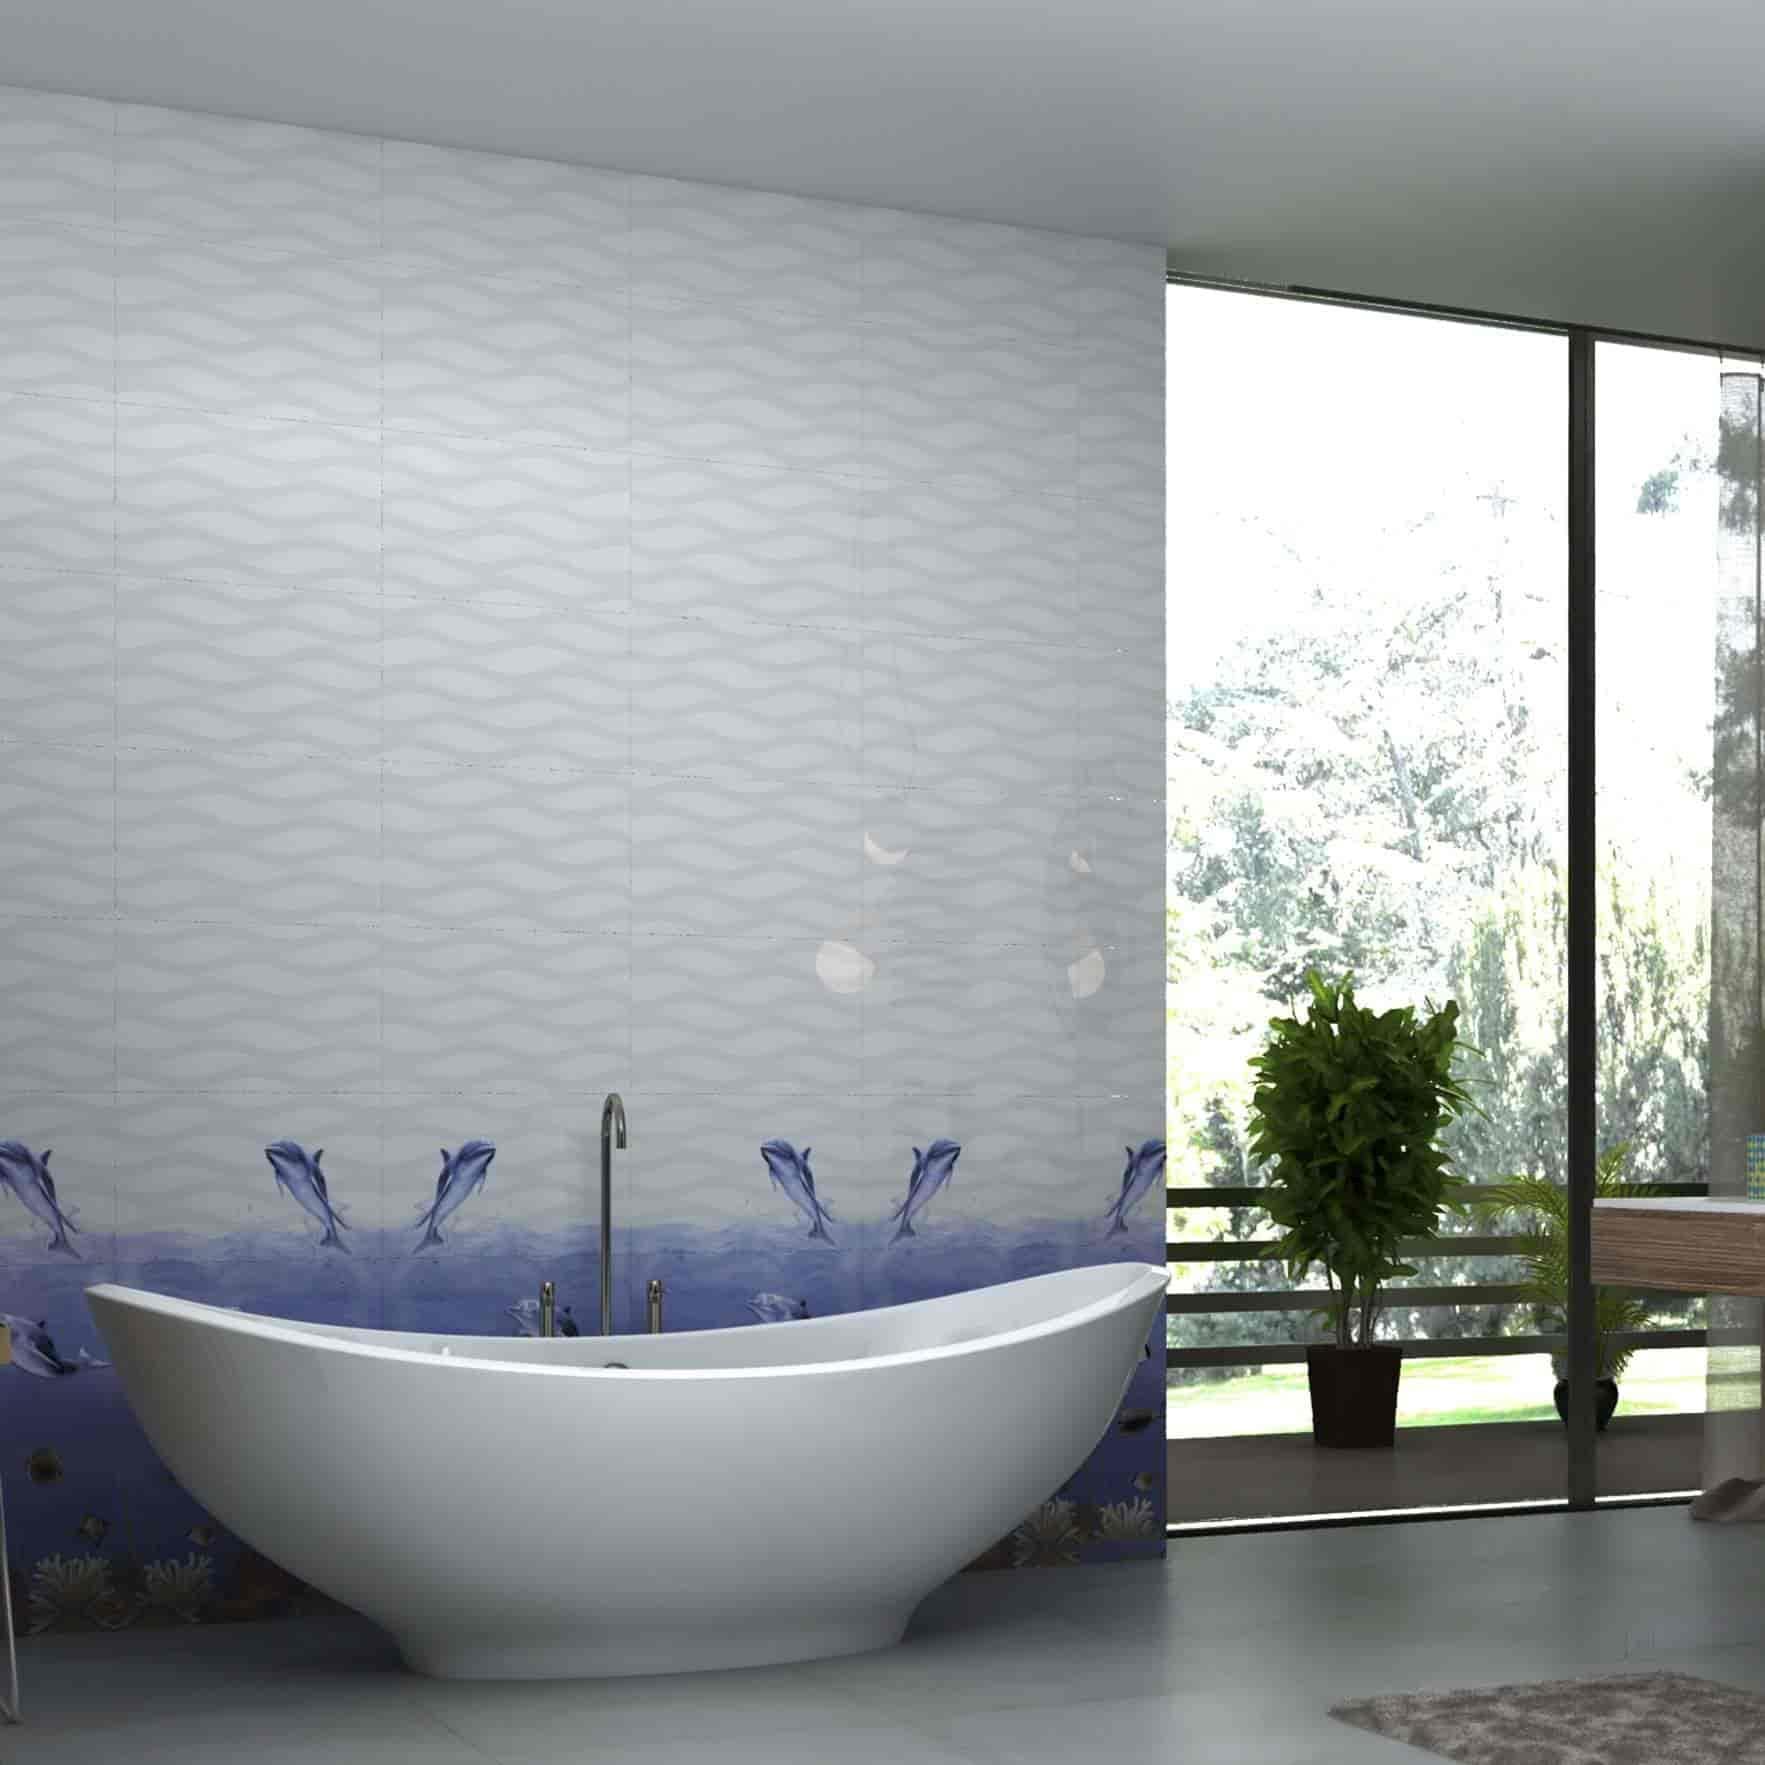 Platinum Ceramic Pvt Ltd Photos, Ppw, Morbi- Pictures & Images ...